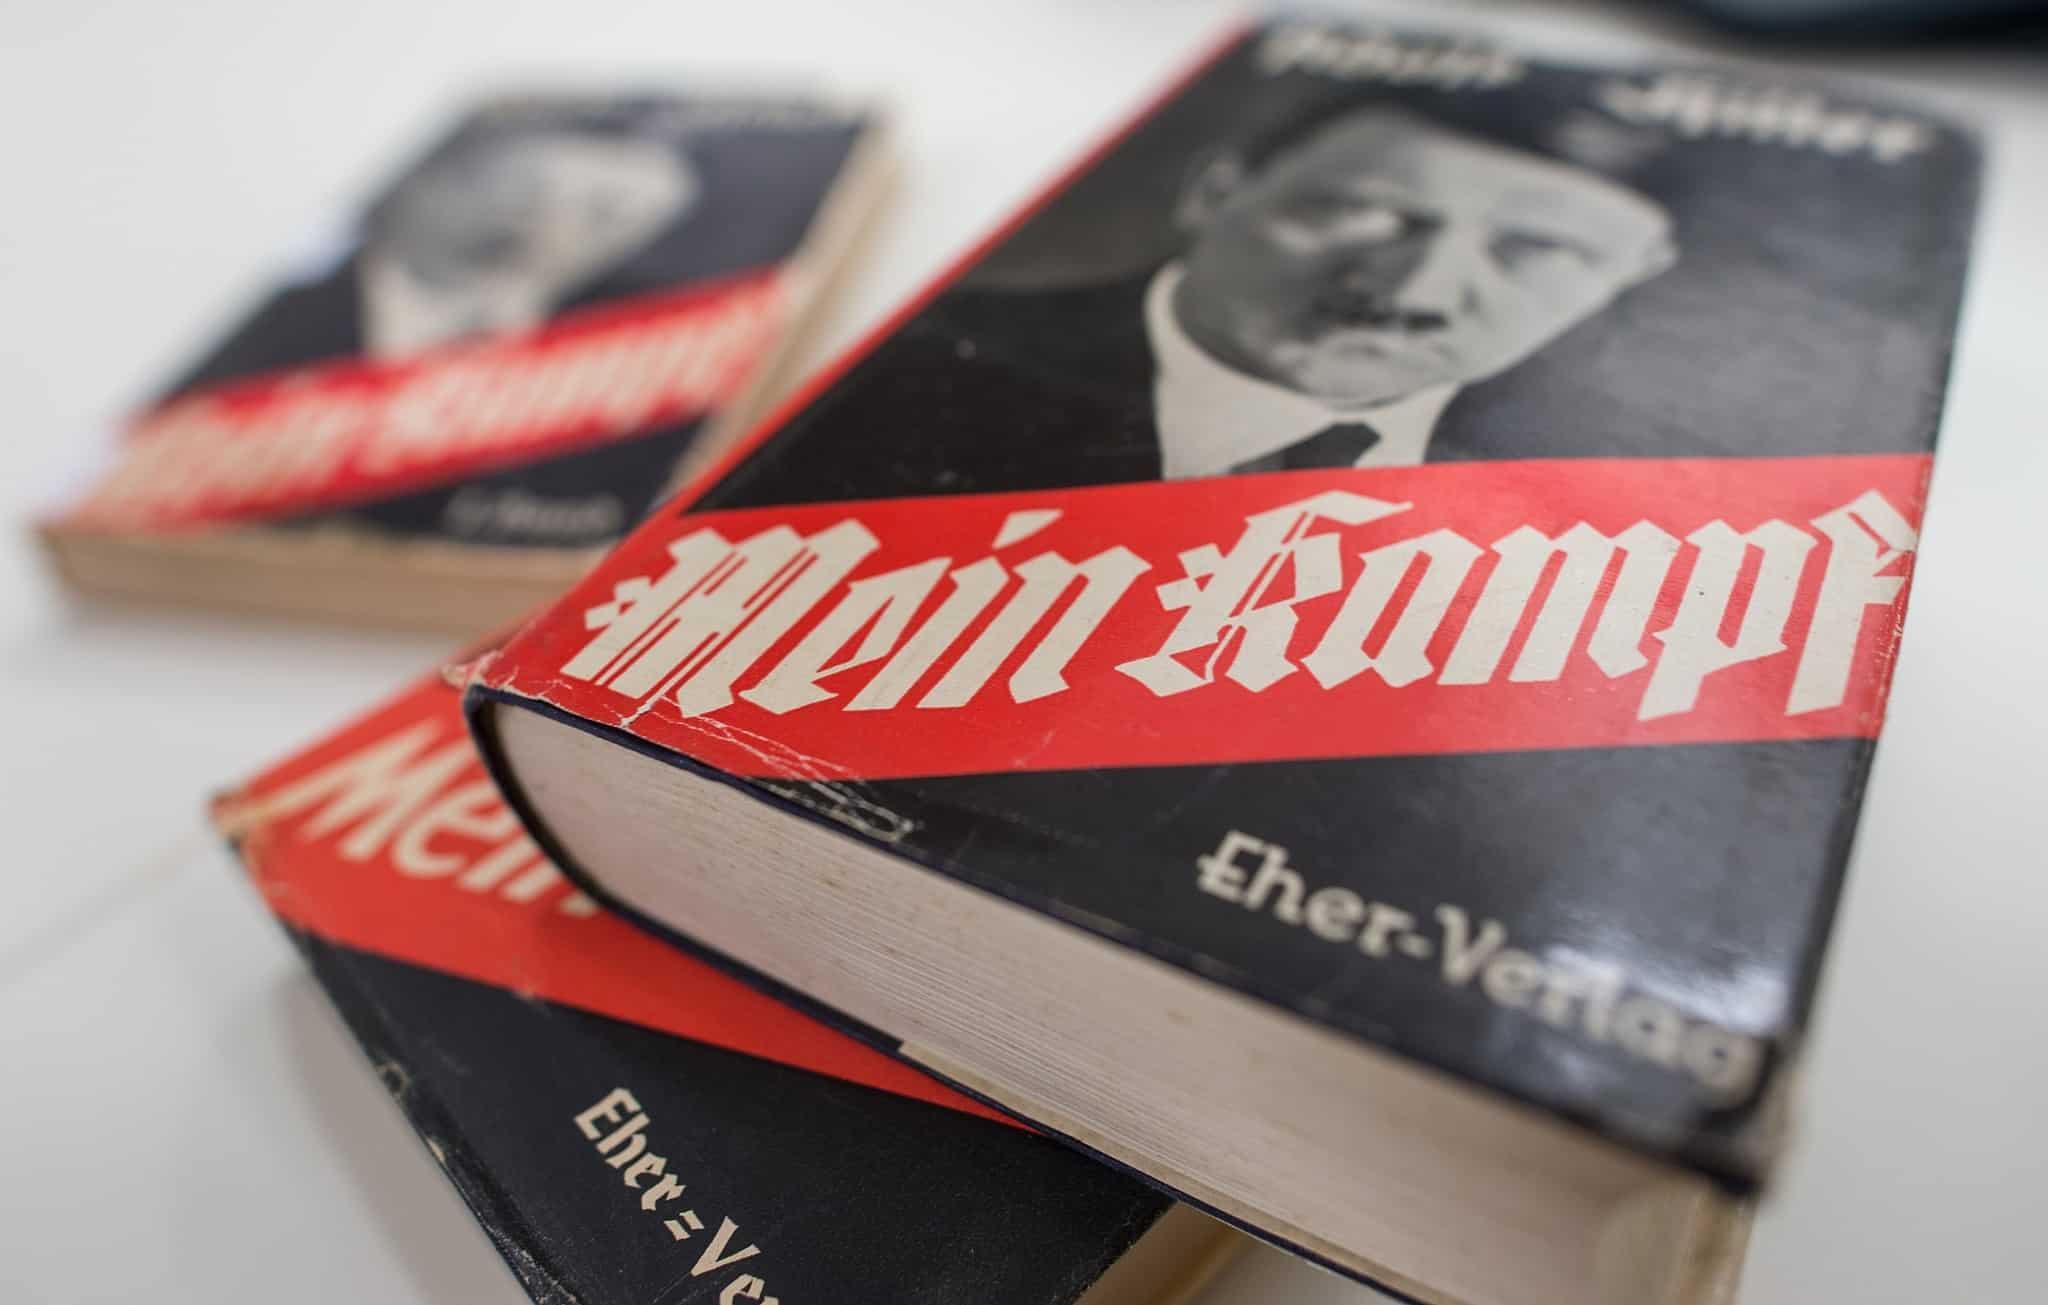 עותק של ספרו של היטלר במוזיאון במינכן, 2015 (צילום: Matthias Balk/dpa via AP, File)